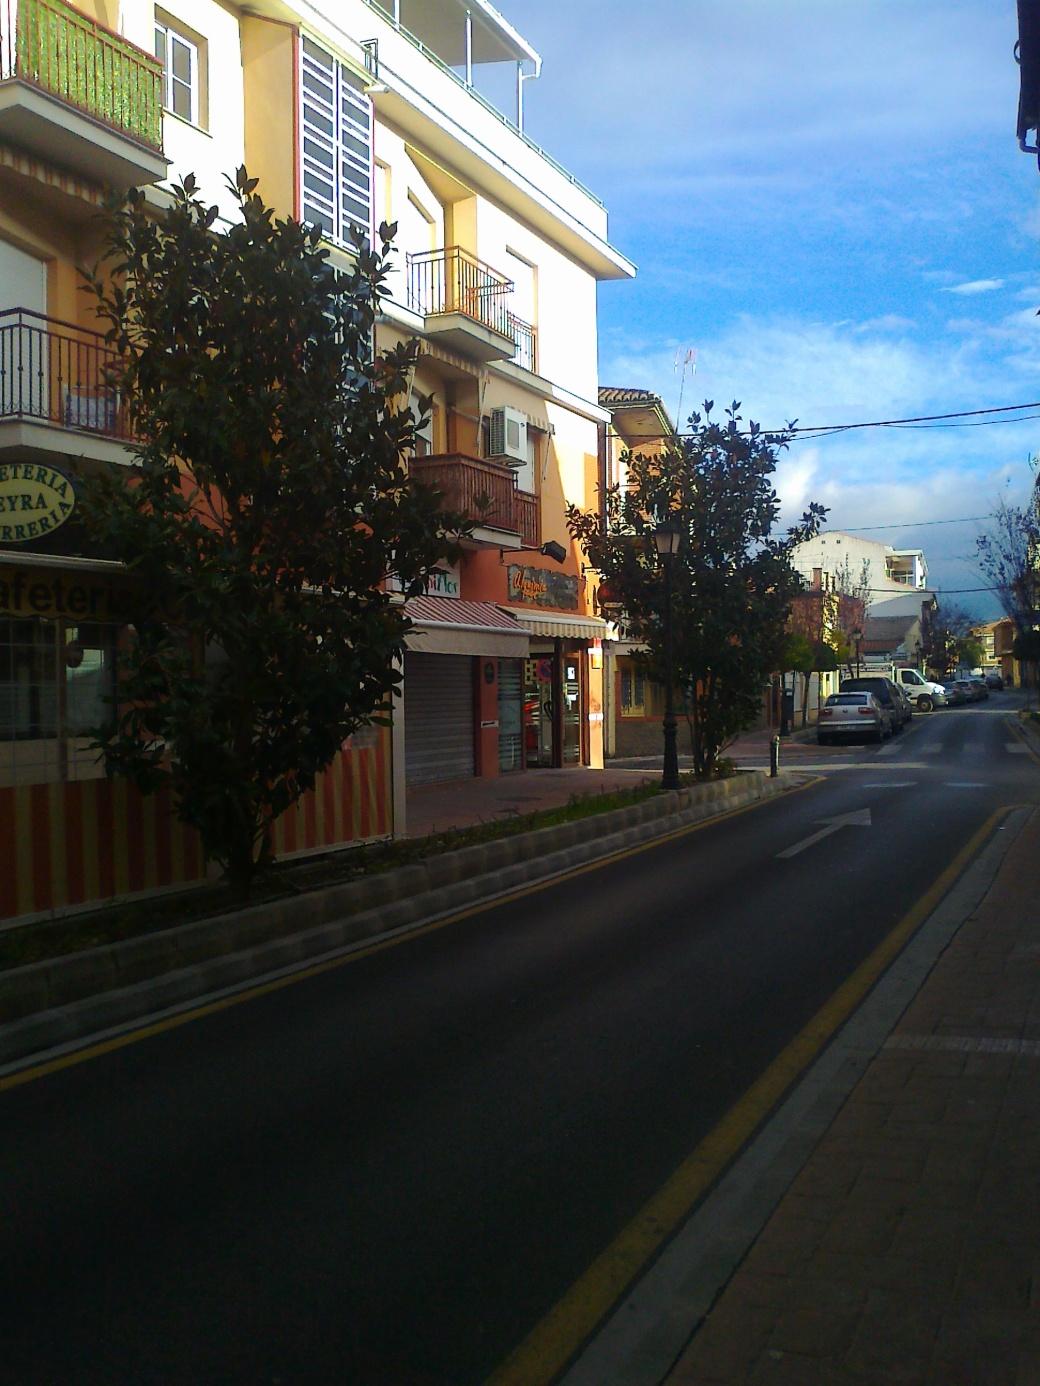 Camino jueves